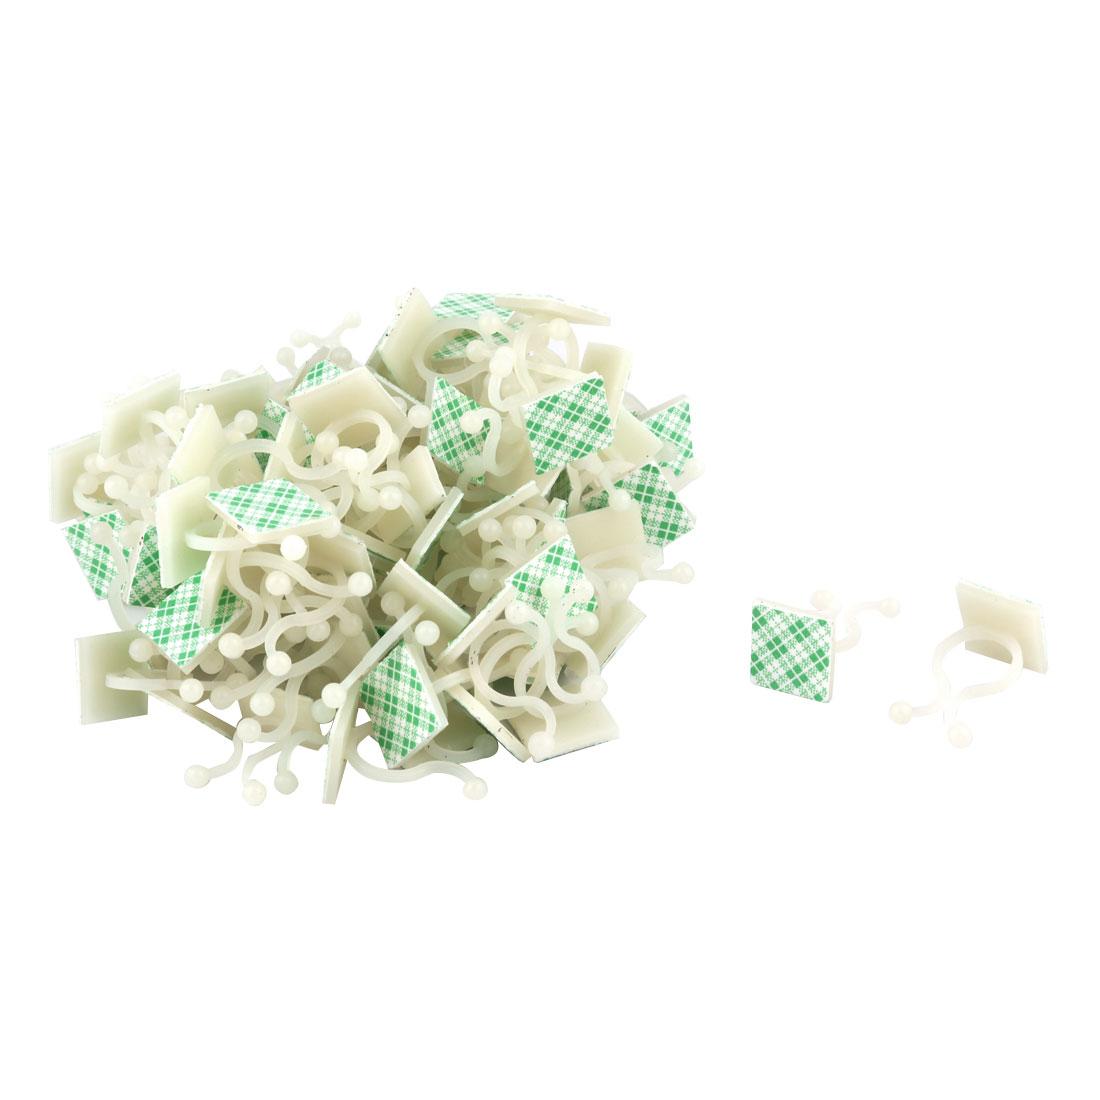 Plastic Square Self Adhesive Wire Cable Clip Tie Organizer 20 x 20mm 66pcs